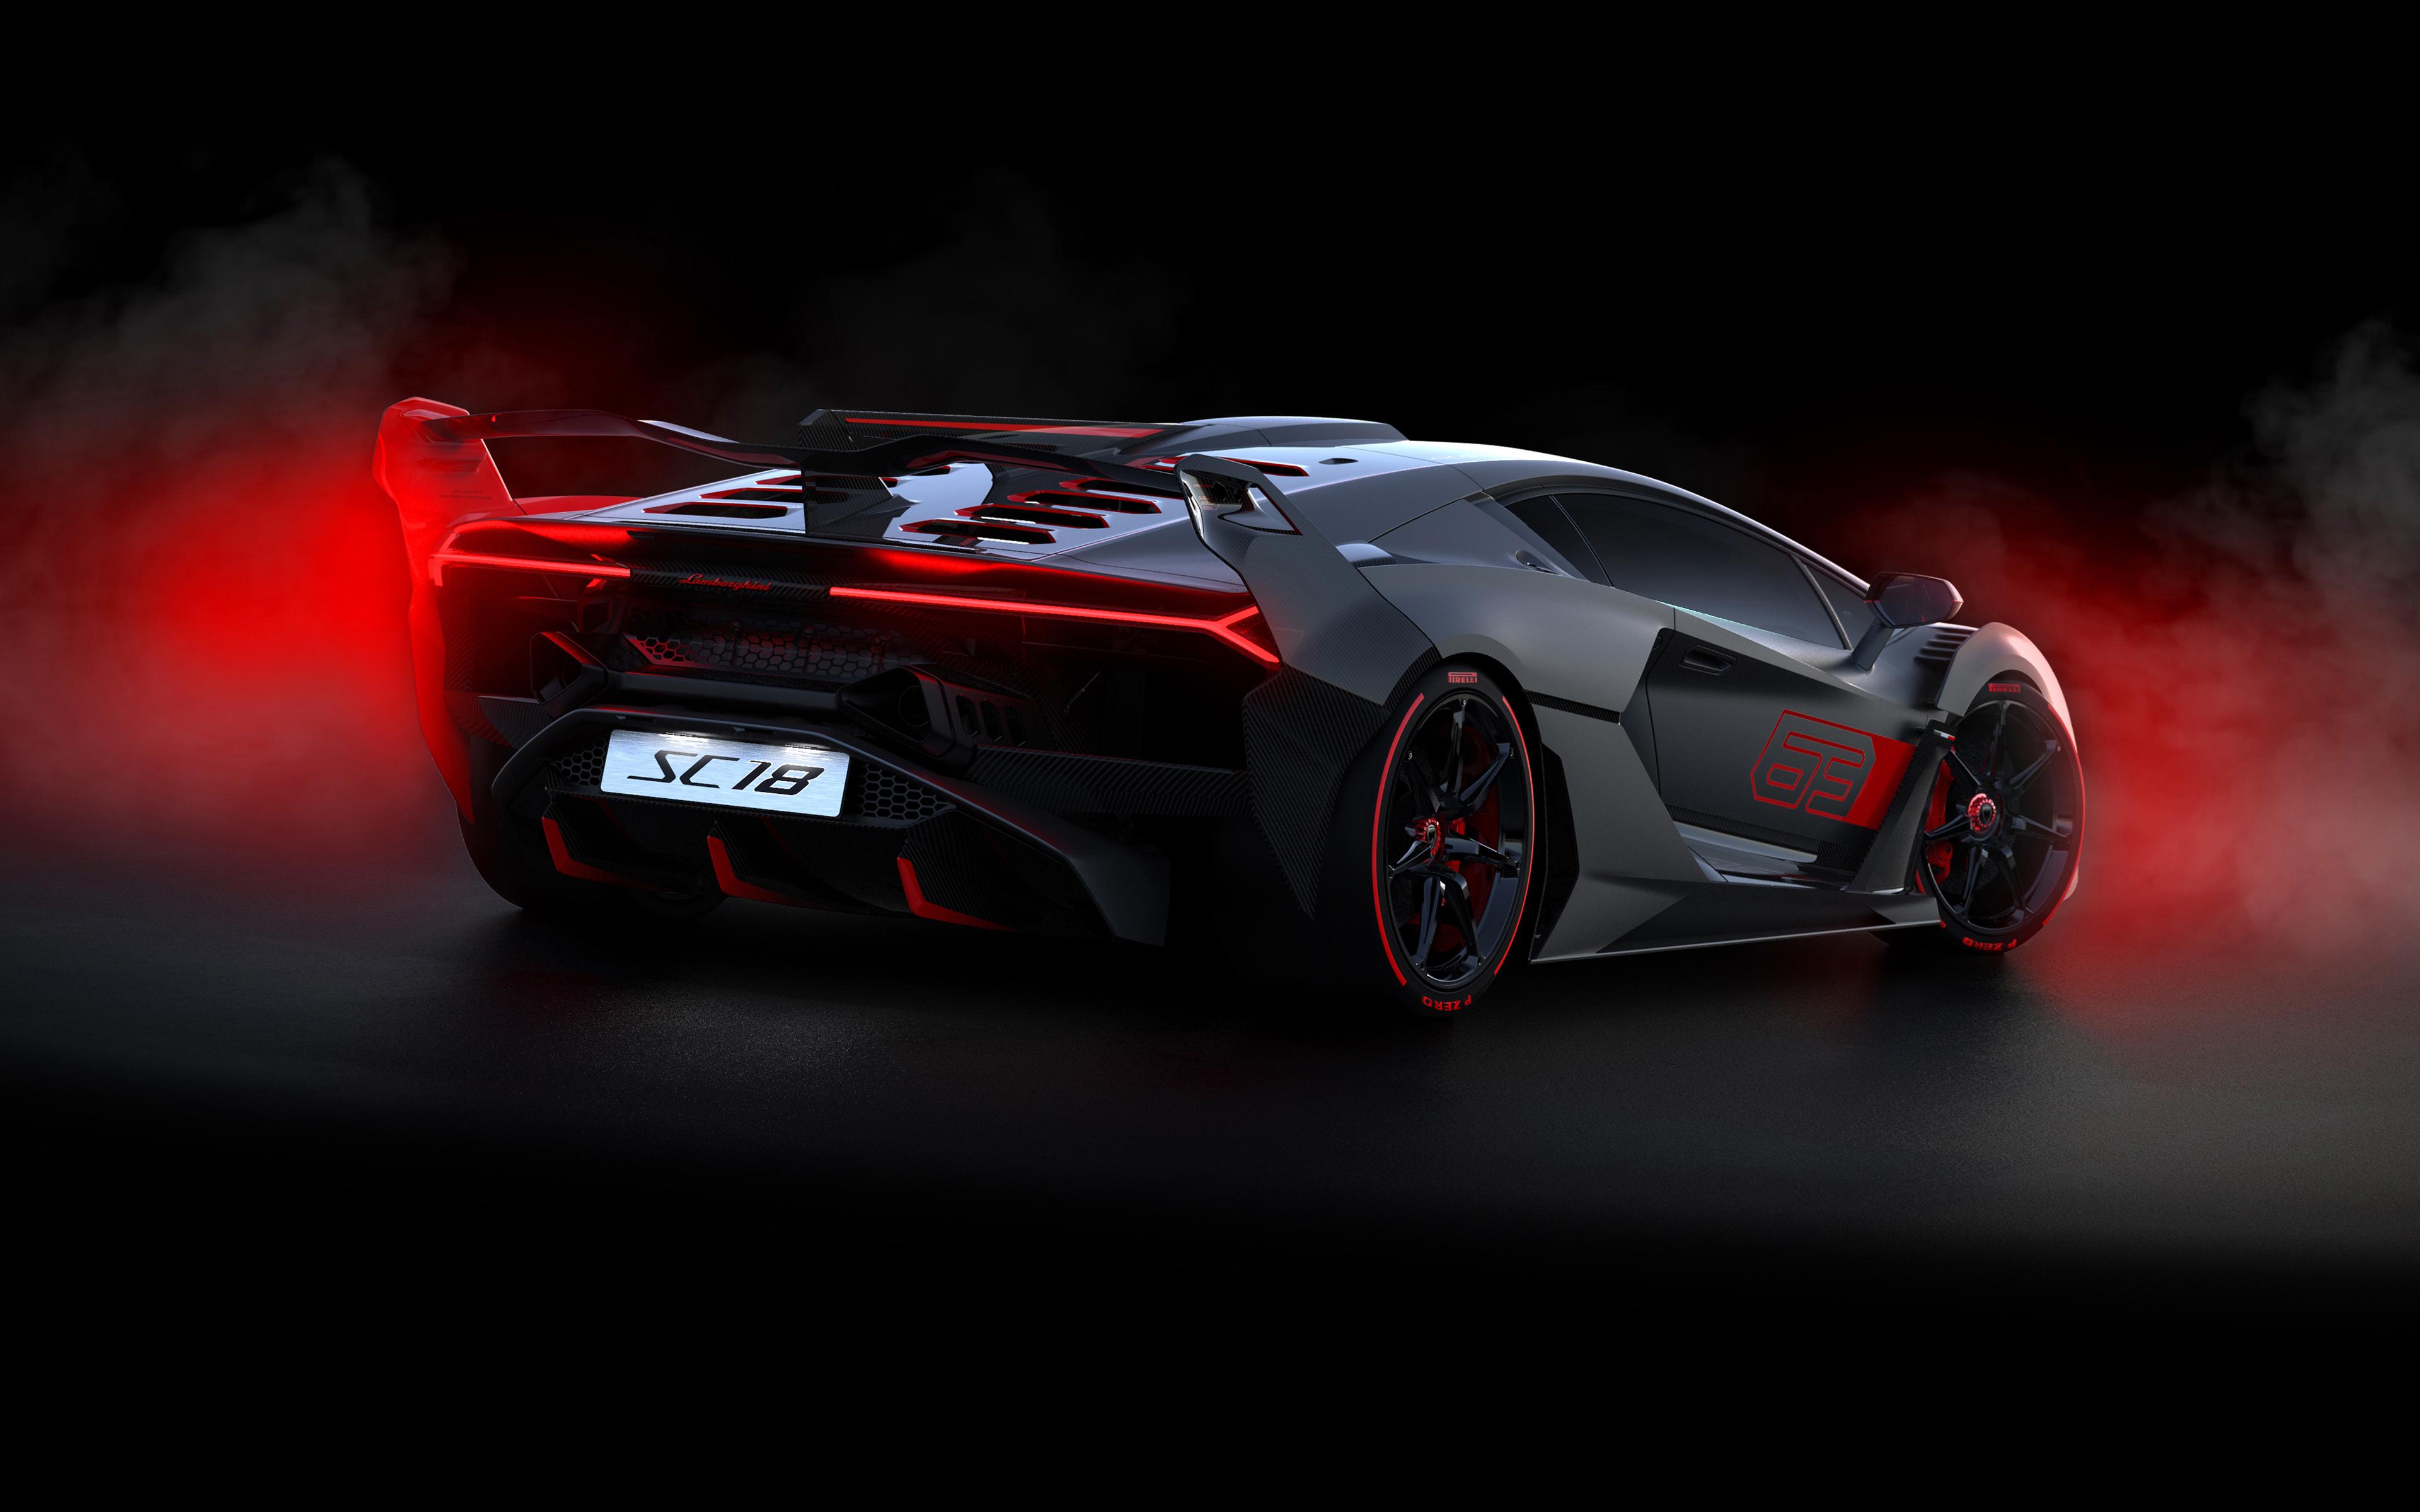 2018 lamborghini sc18 rearview 9w 3840x2400 - Lamborghini SC18 Alston rear 4K - Lamborghini SC18 Alston 4K rear view